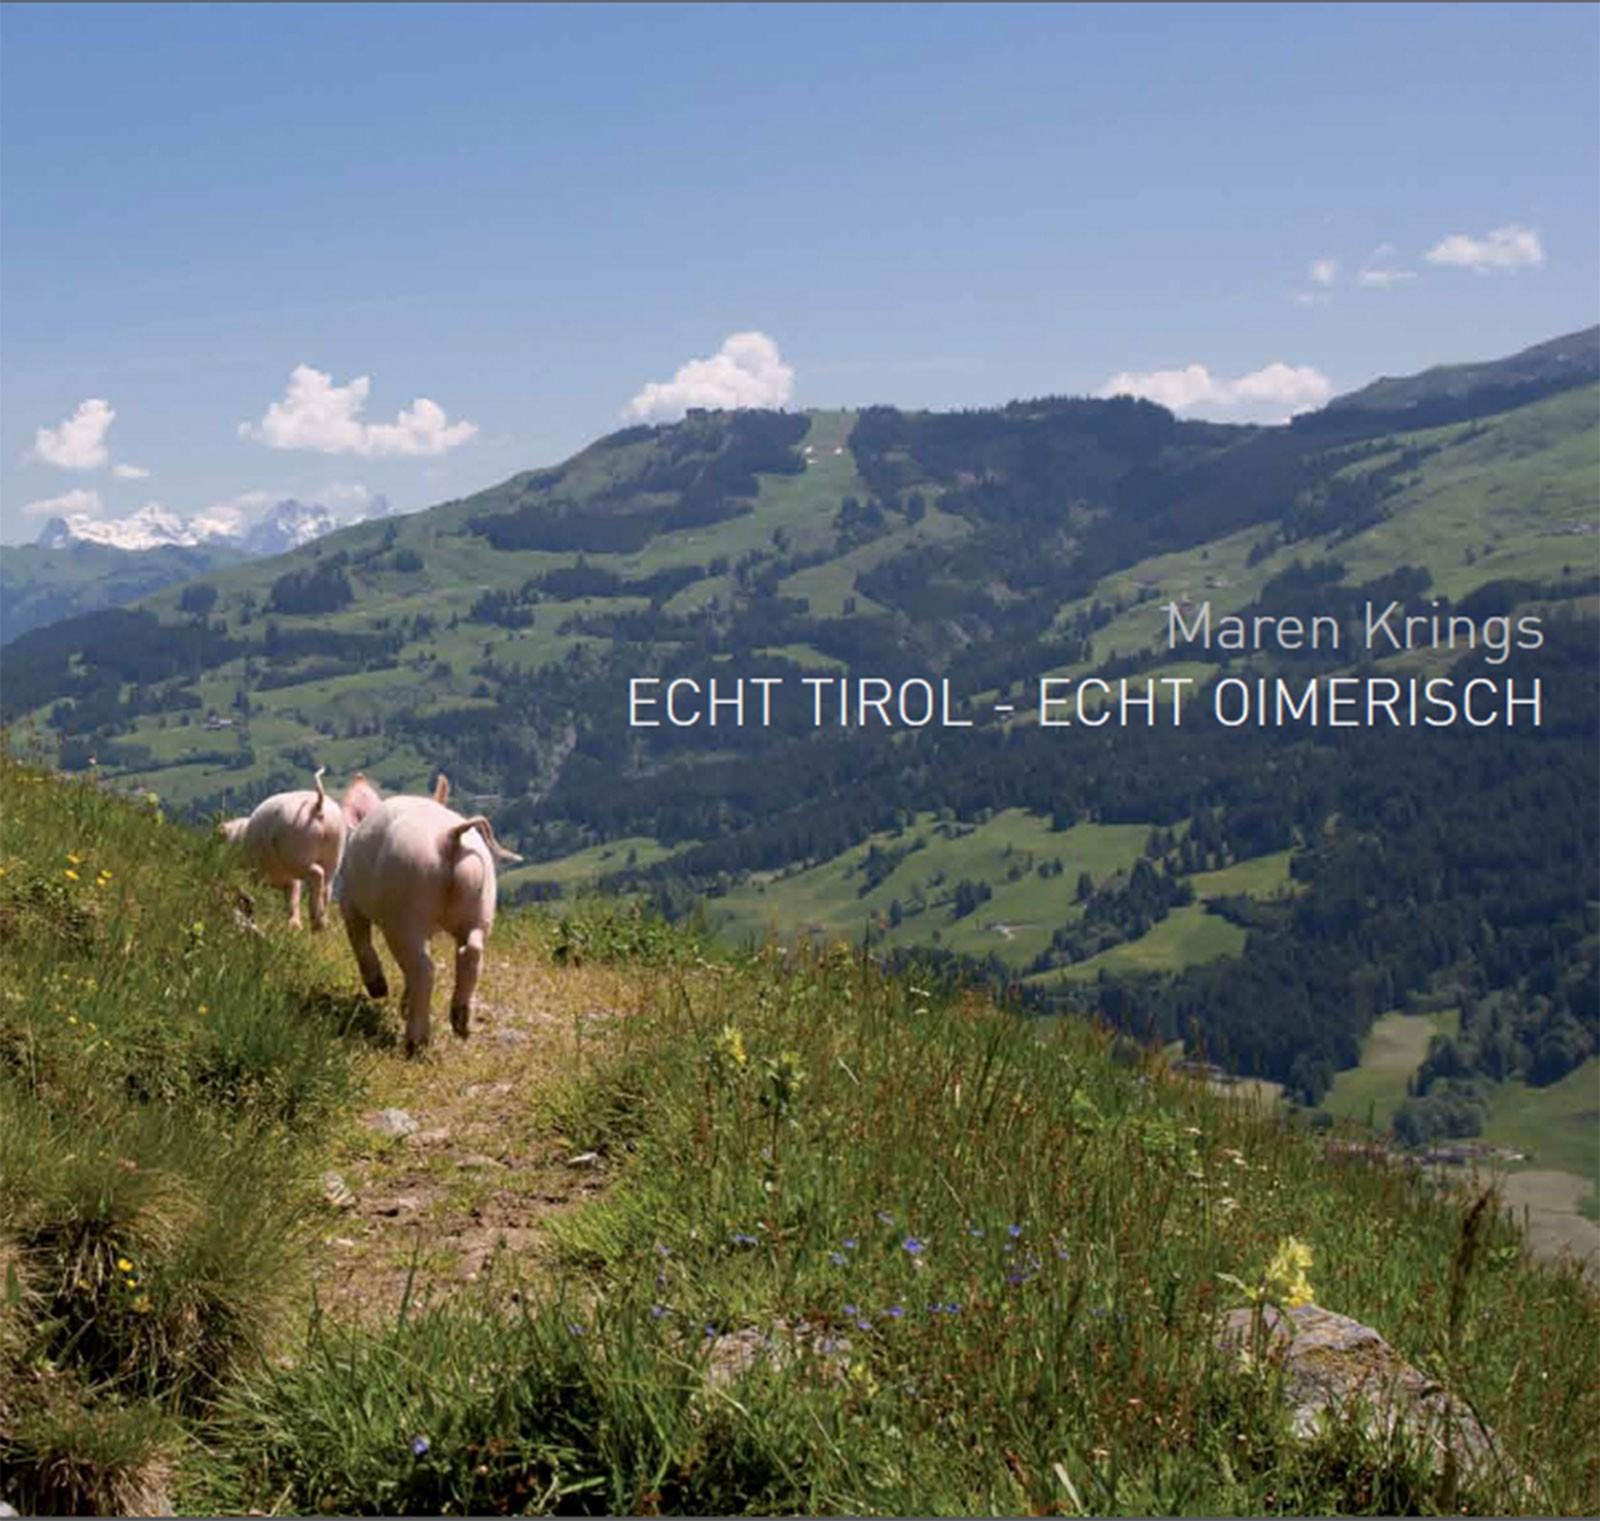 ECHT TIROL -ECHT OIMERISCH,  selfpublished in 2012